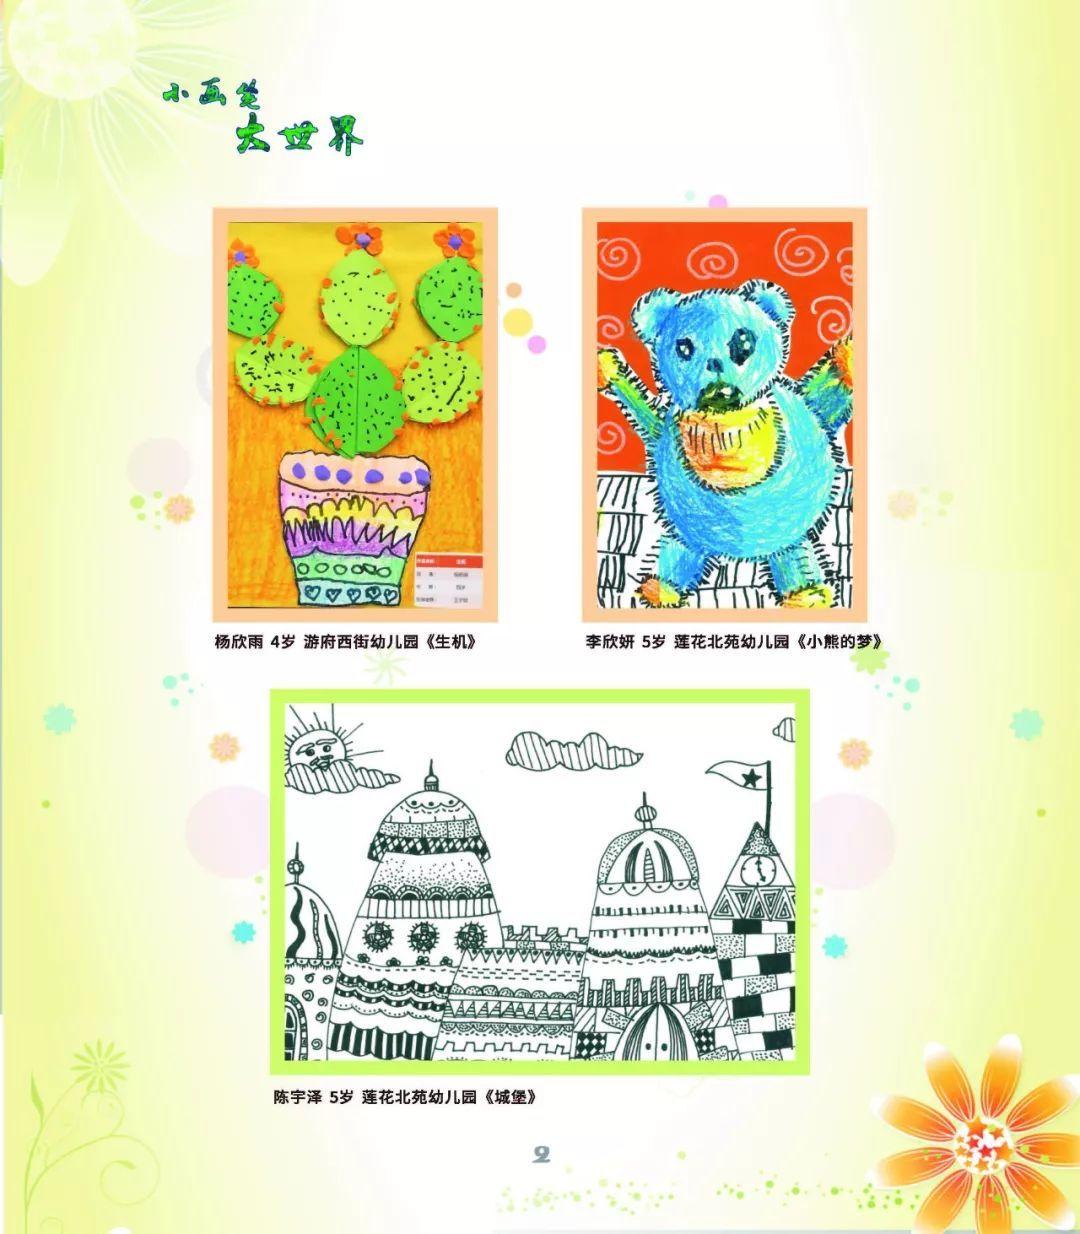 【画册预定】2018年我的中国梦南京市少年儿童优秀绘画作品集限量发行